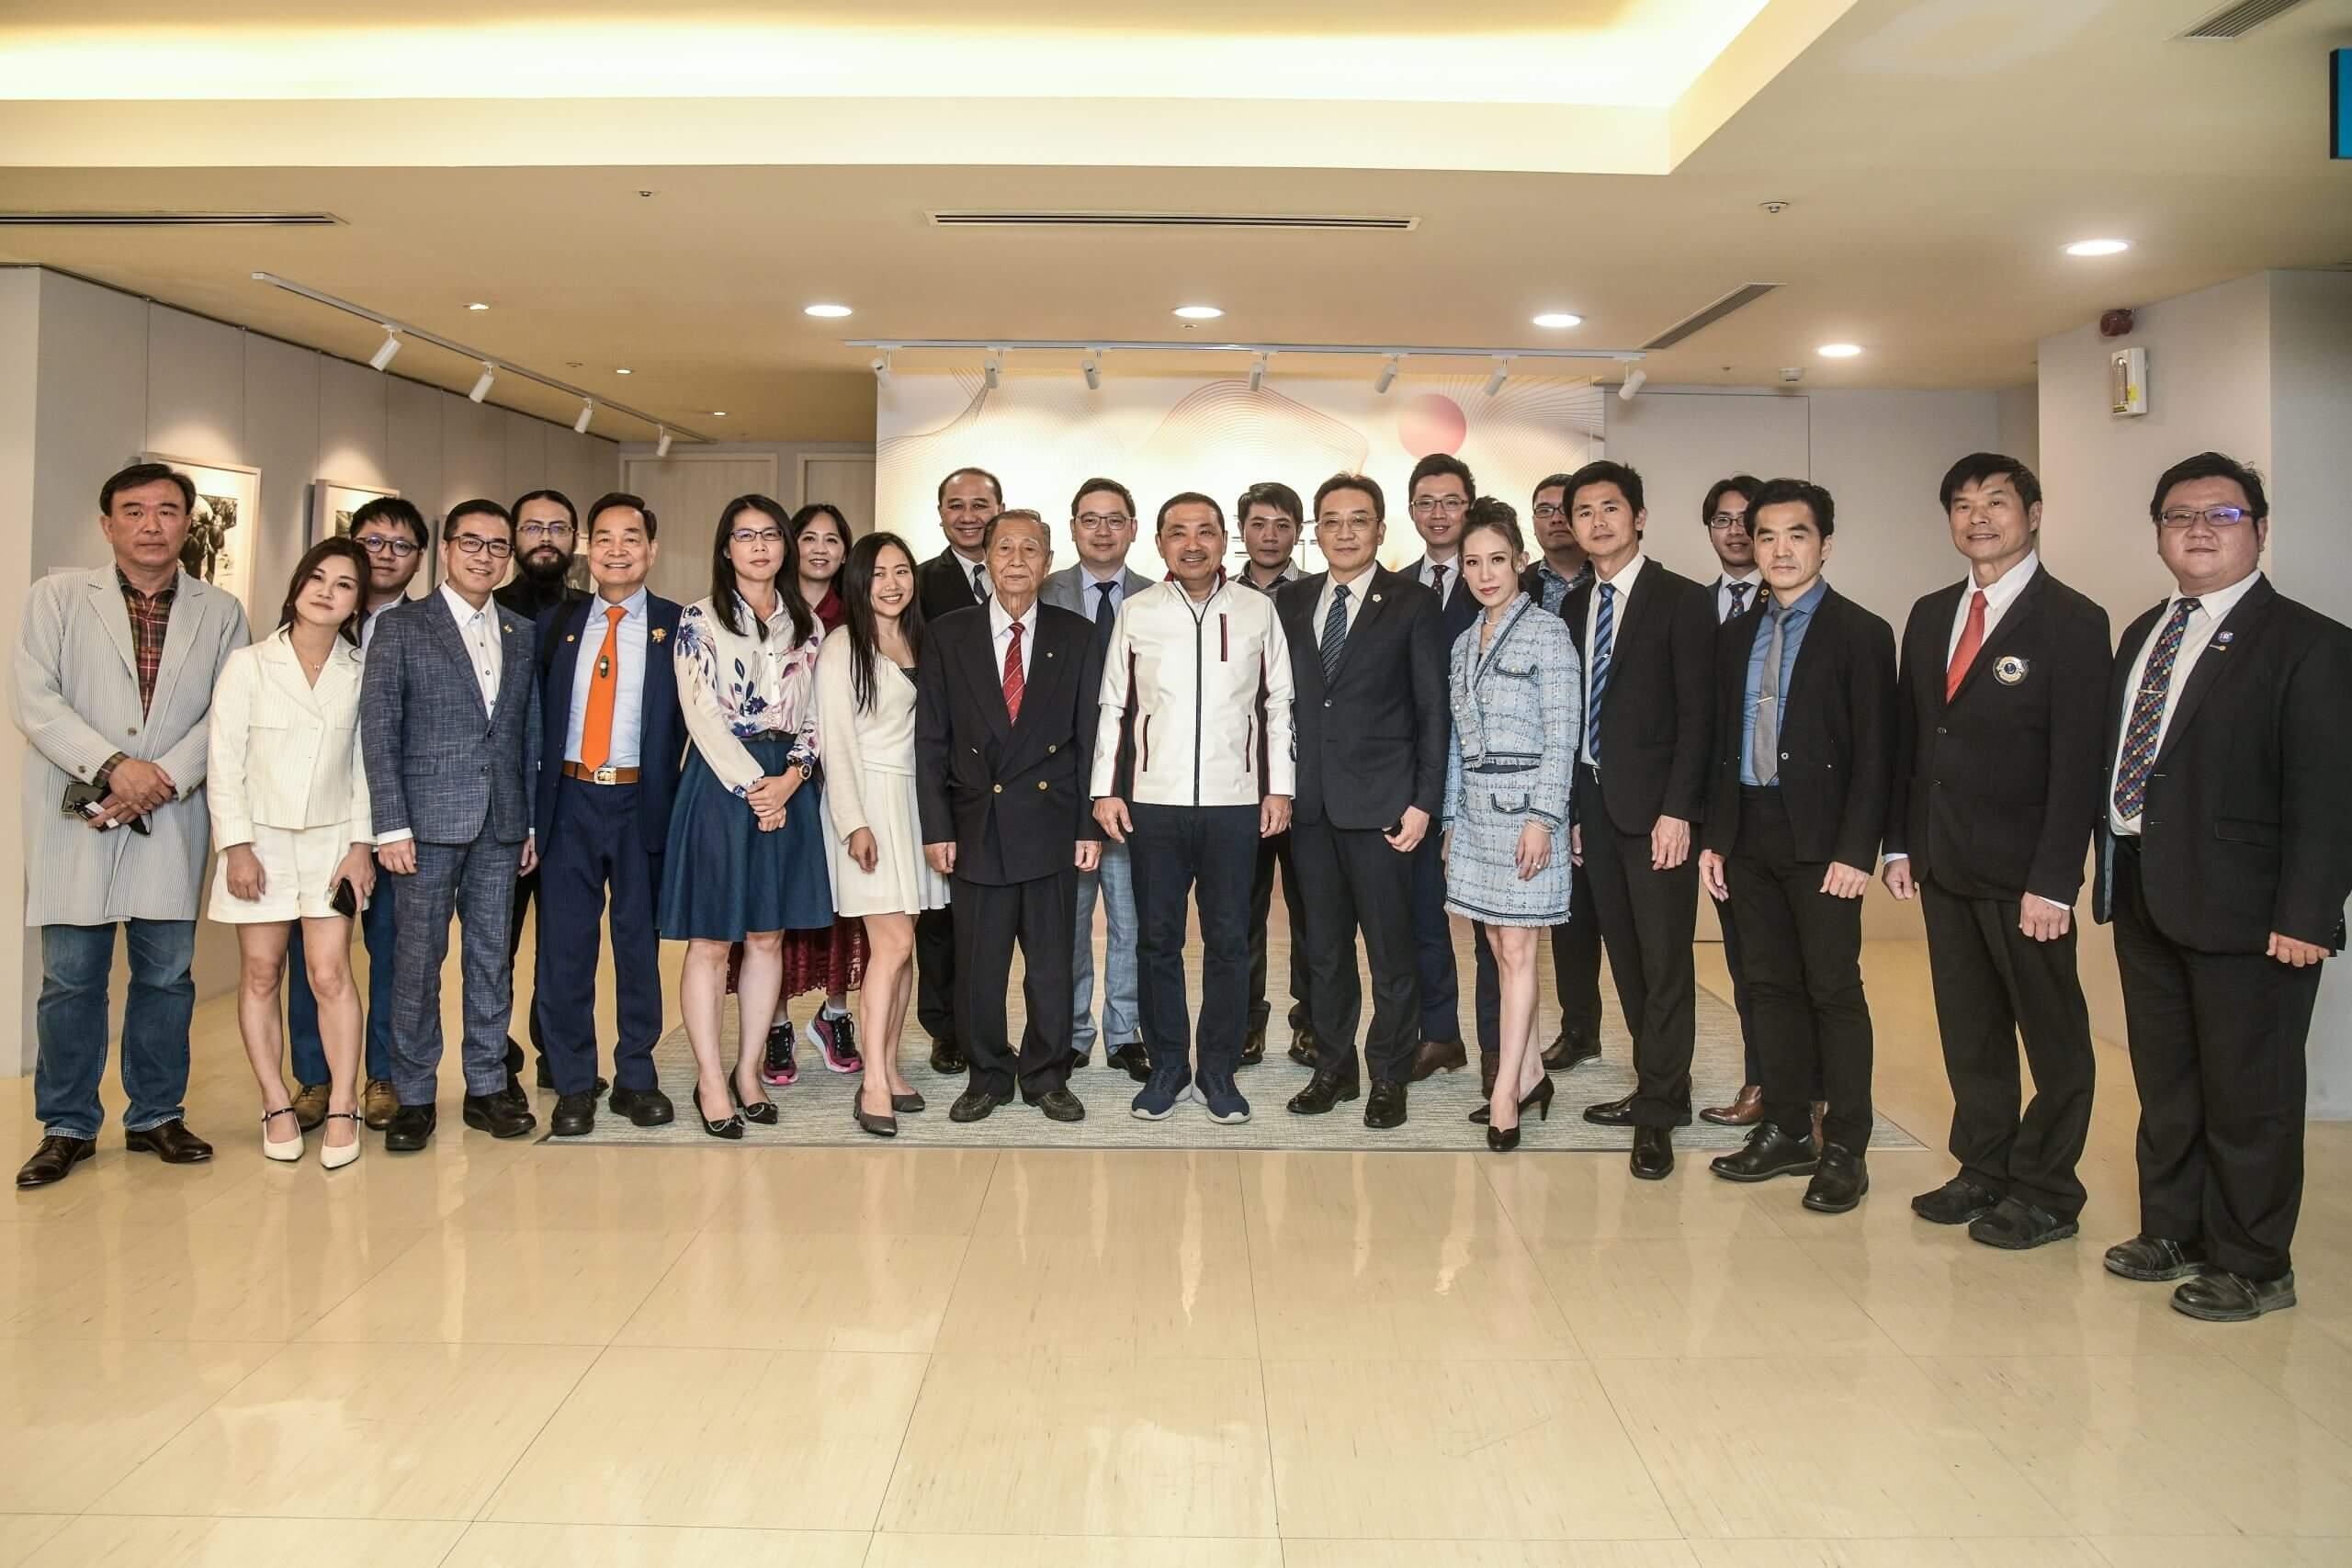 ▲華人公益金傳獎得獎企業拜訪新北市政府,受邀企業主與侯友宜市長合影。